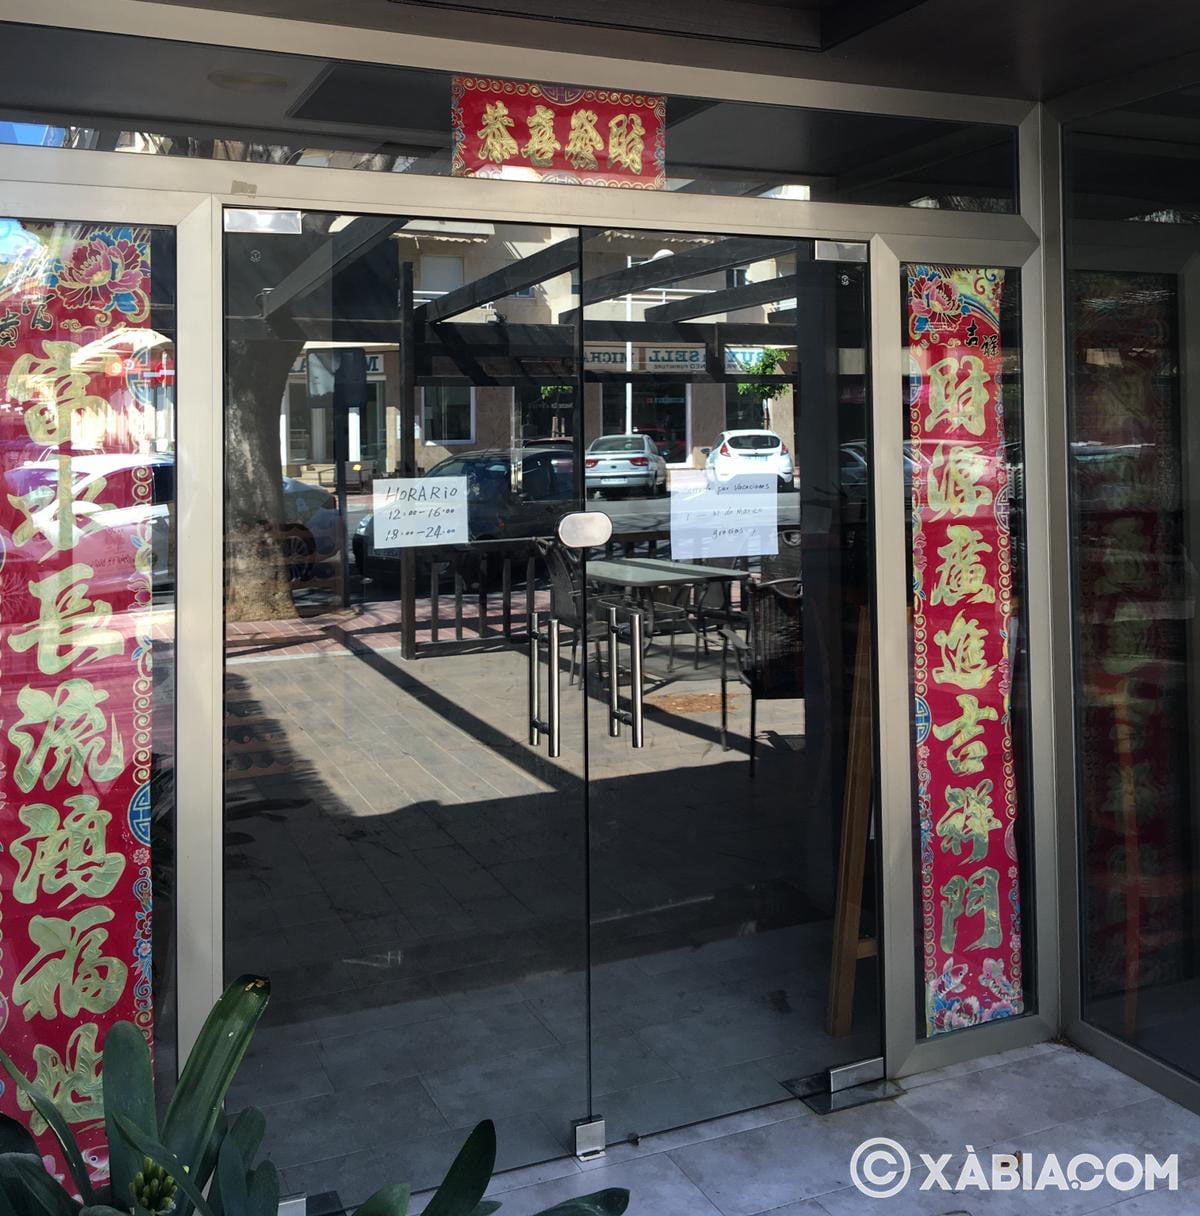 Restaurante asiático con cartel de cerrado por vacaciones